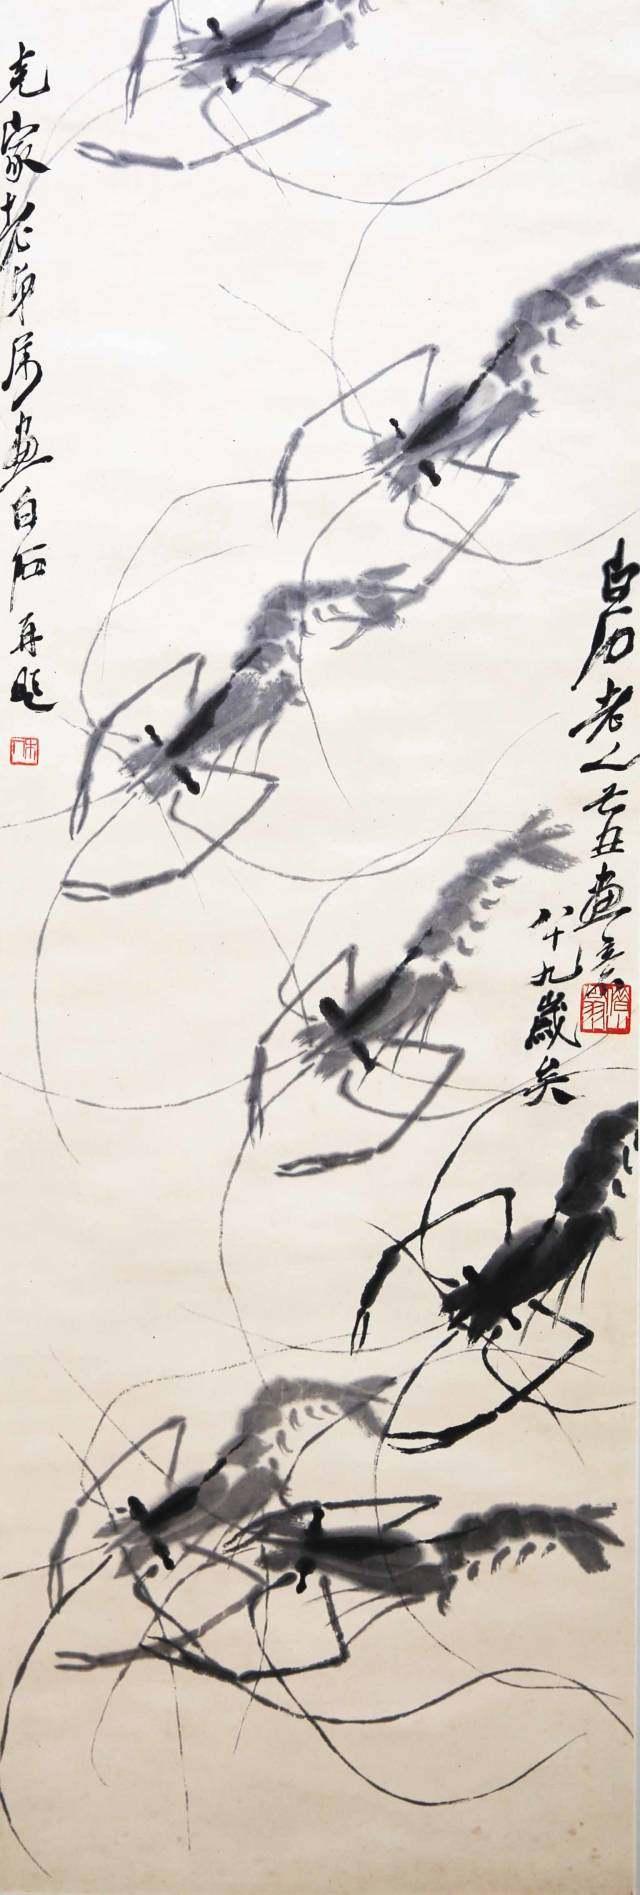 少白公子、齐白石第三代传人--画家汤发周趣谈:齐白石:我爱画虾 但更爱吃白